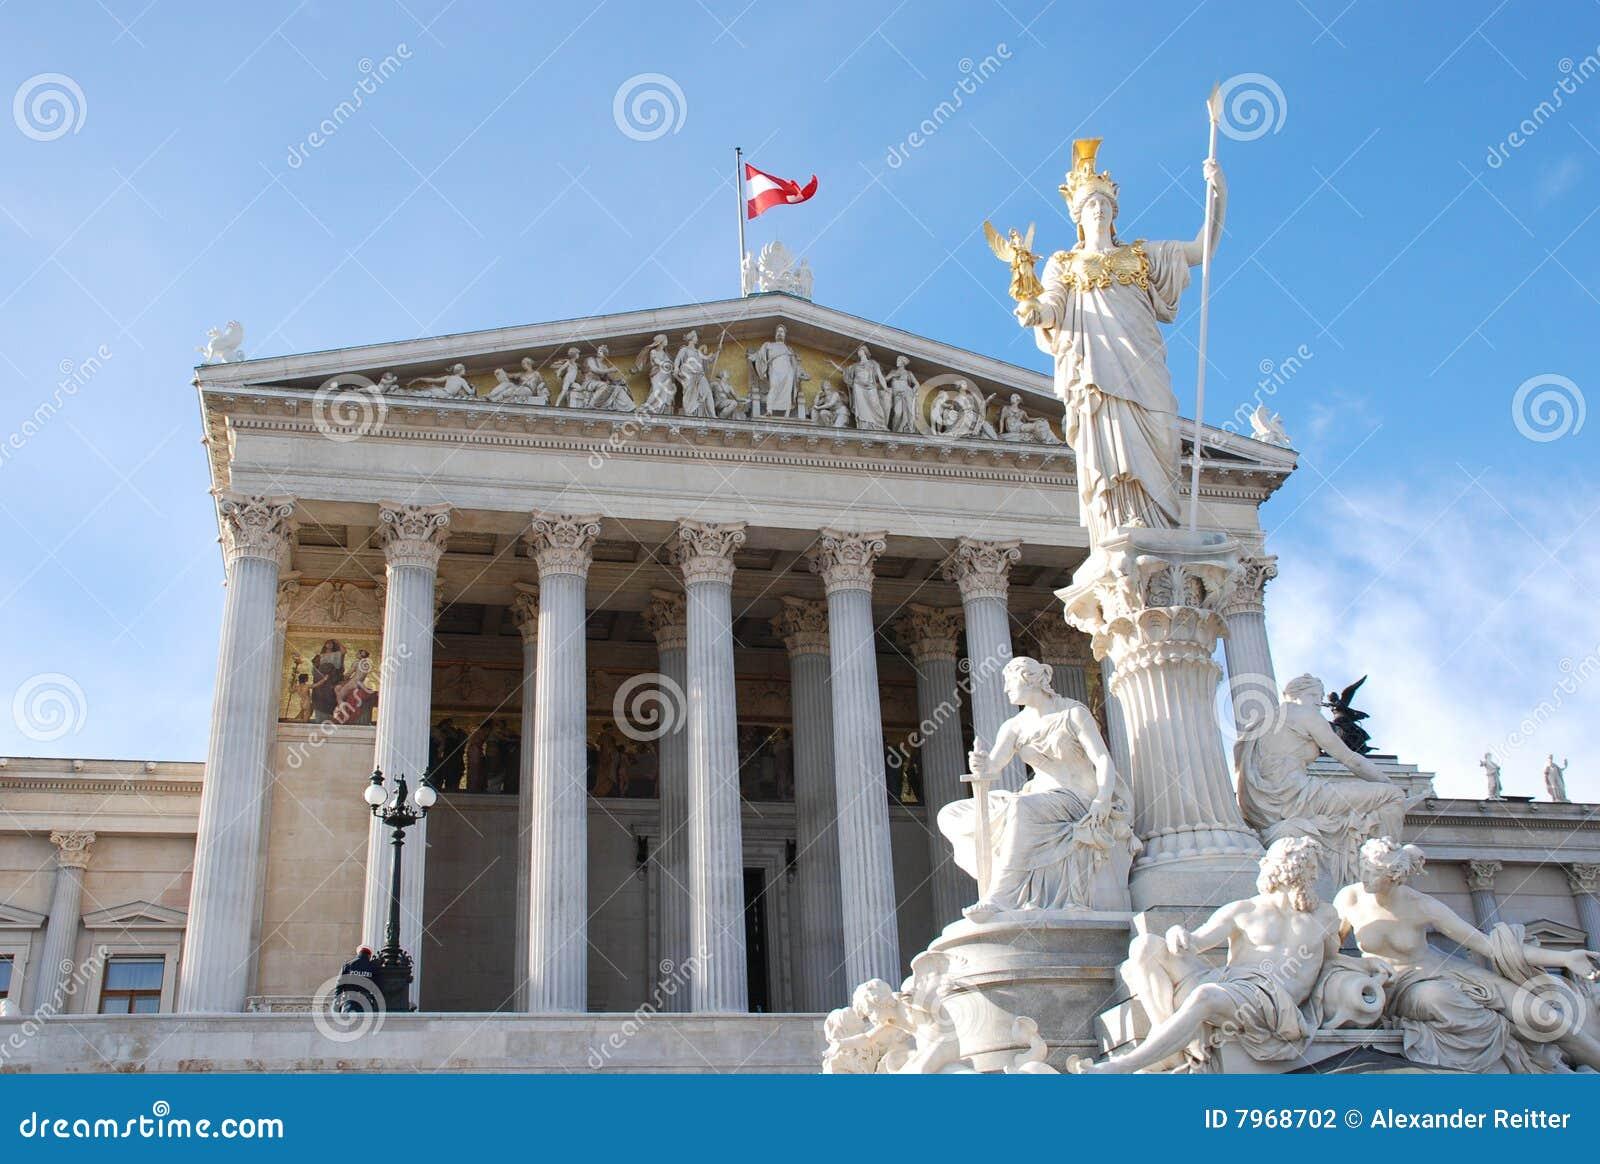 Het parlement van wenen stock fotografie afbeelding 7968702 - Het upgraden van m ...